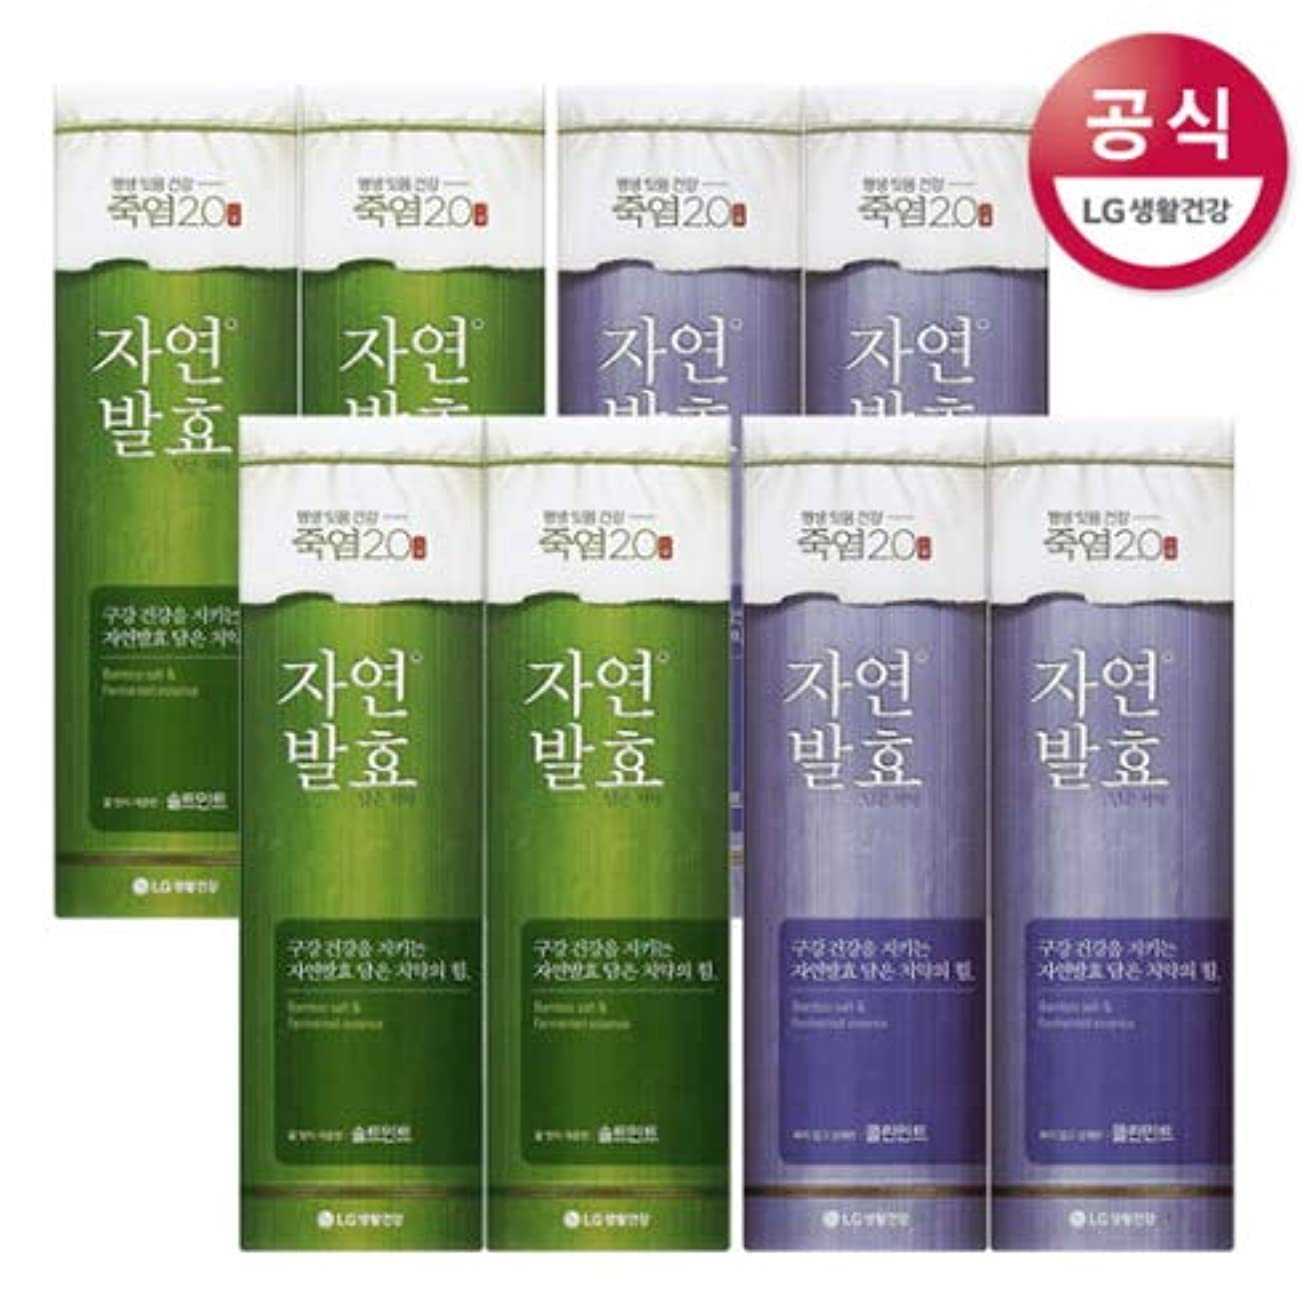 頑丈会話パートナー[LG HnB] Bamboo salt natural fermentation toothpaste/竹塩自然発酵入れた歯磨き粉 100gx8個(海外直送品)